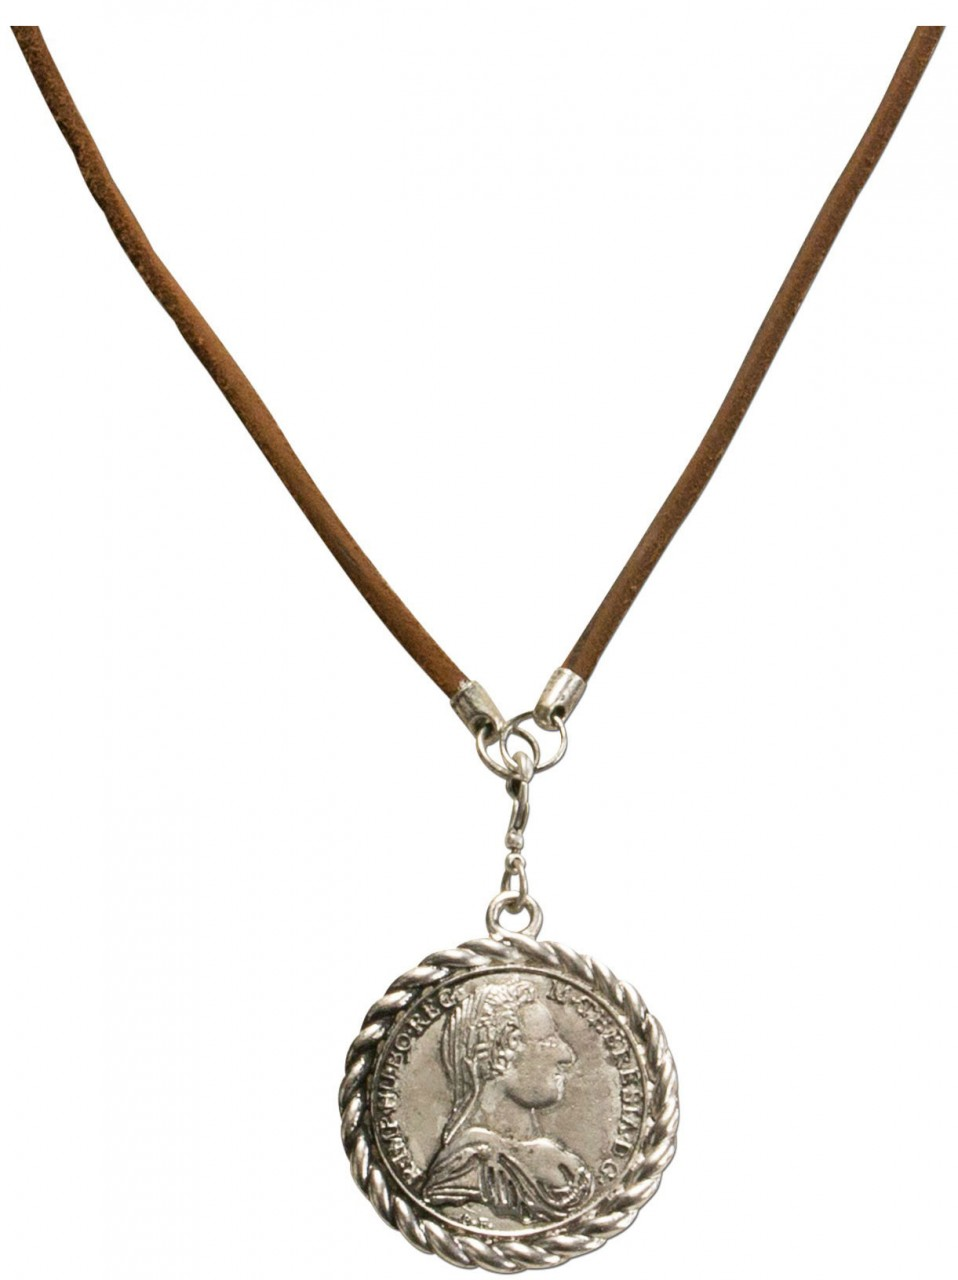 Lederhalskette Trachten-Münze braun